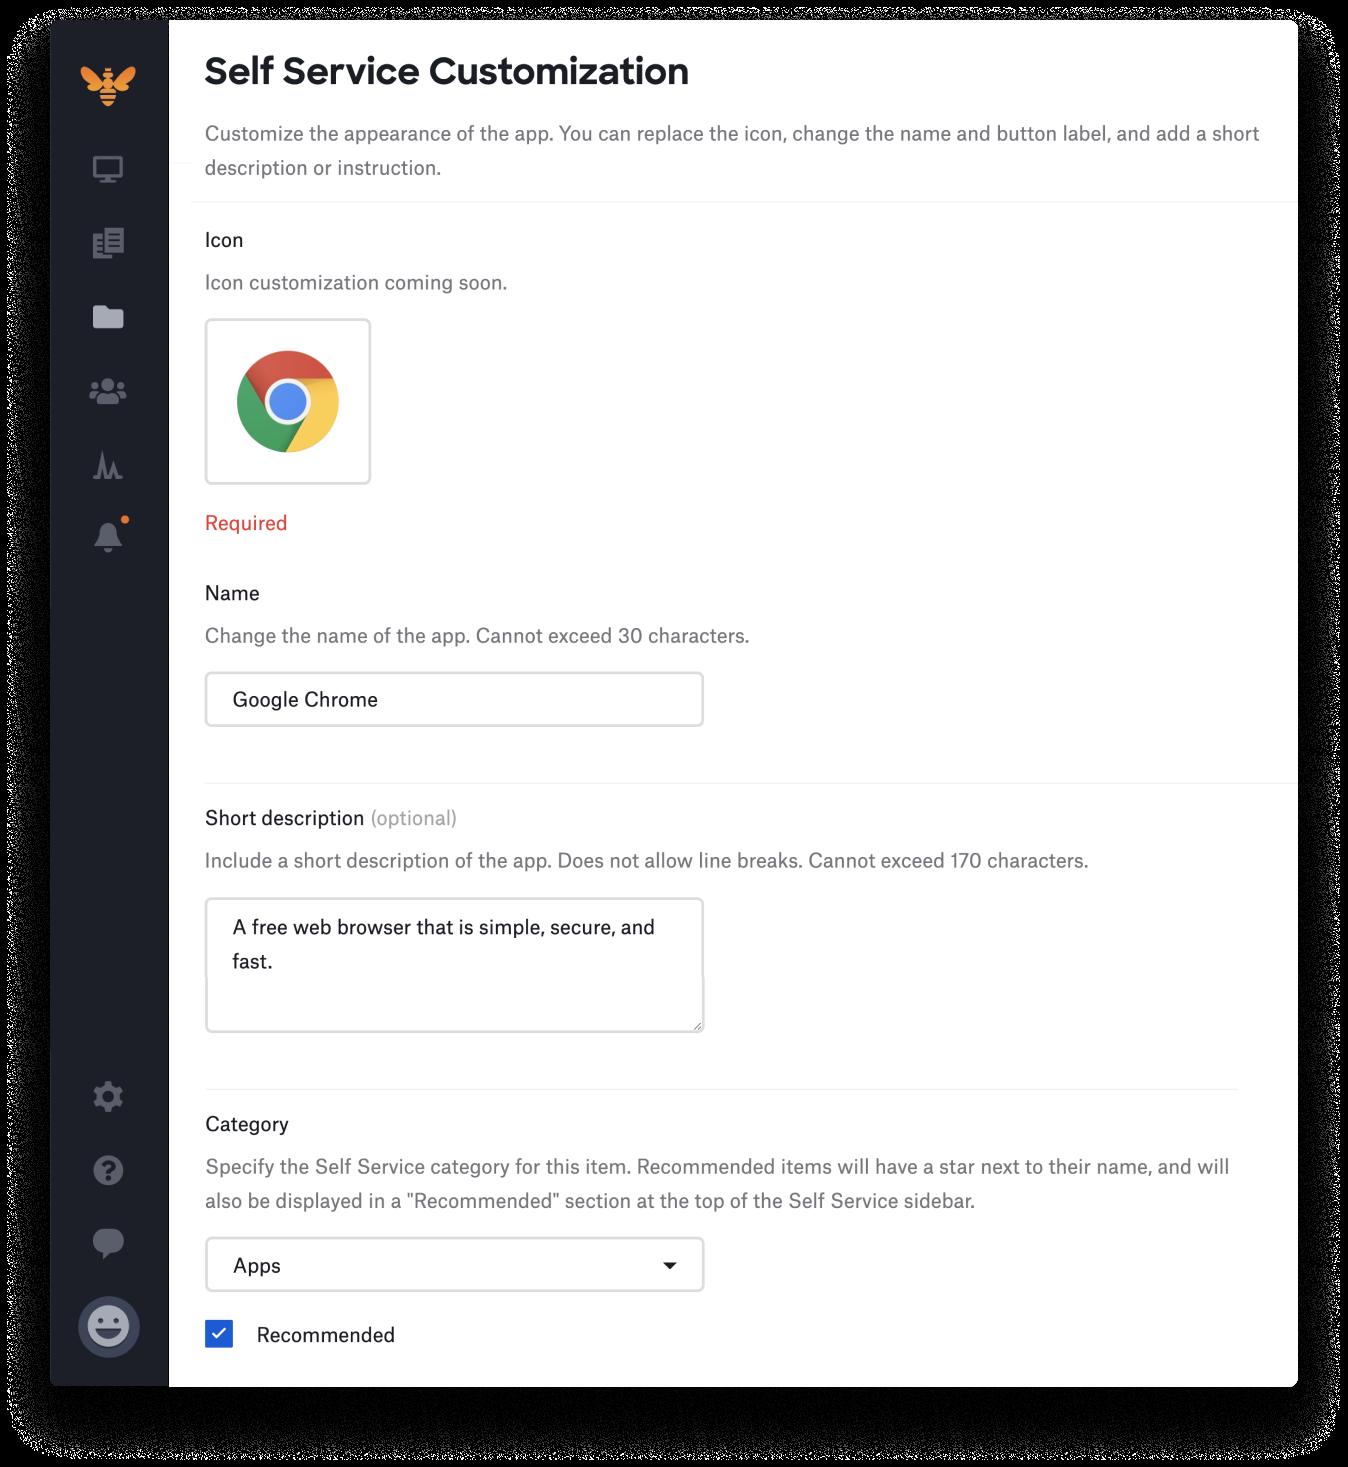 customize self service - app customization-1